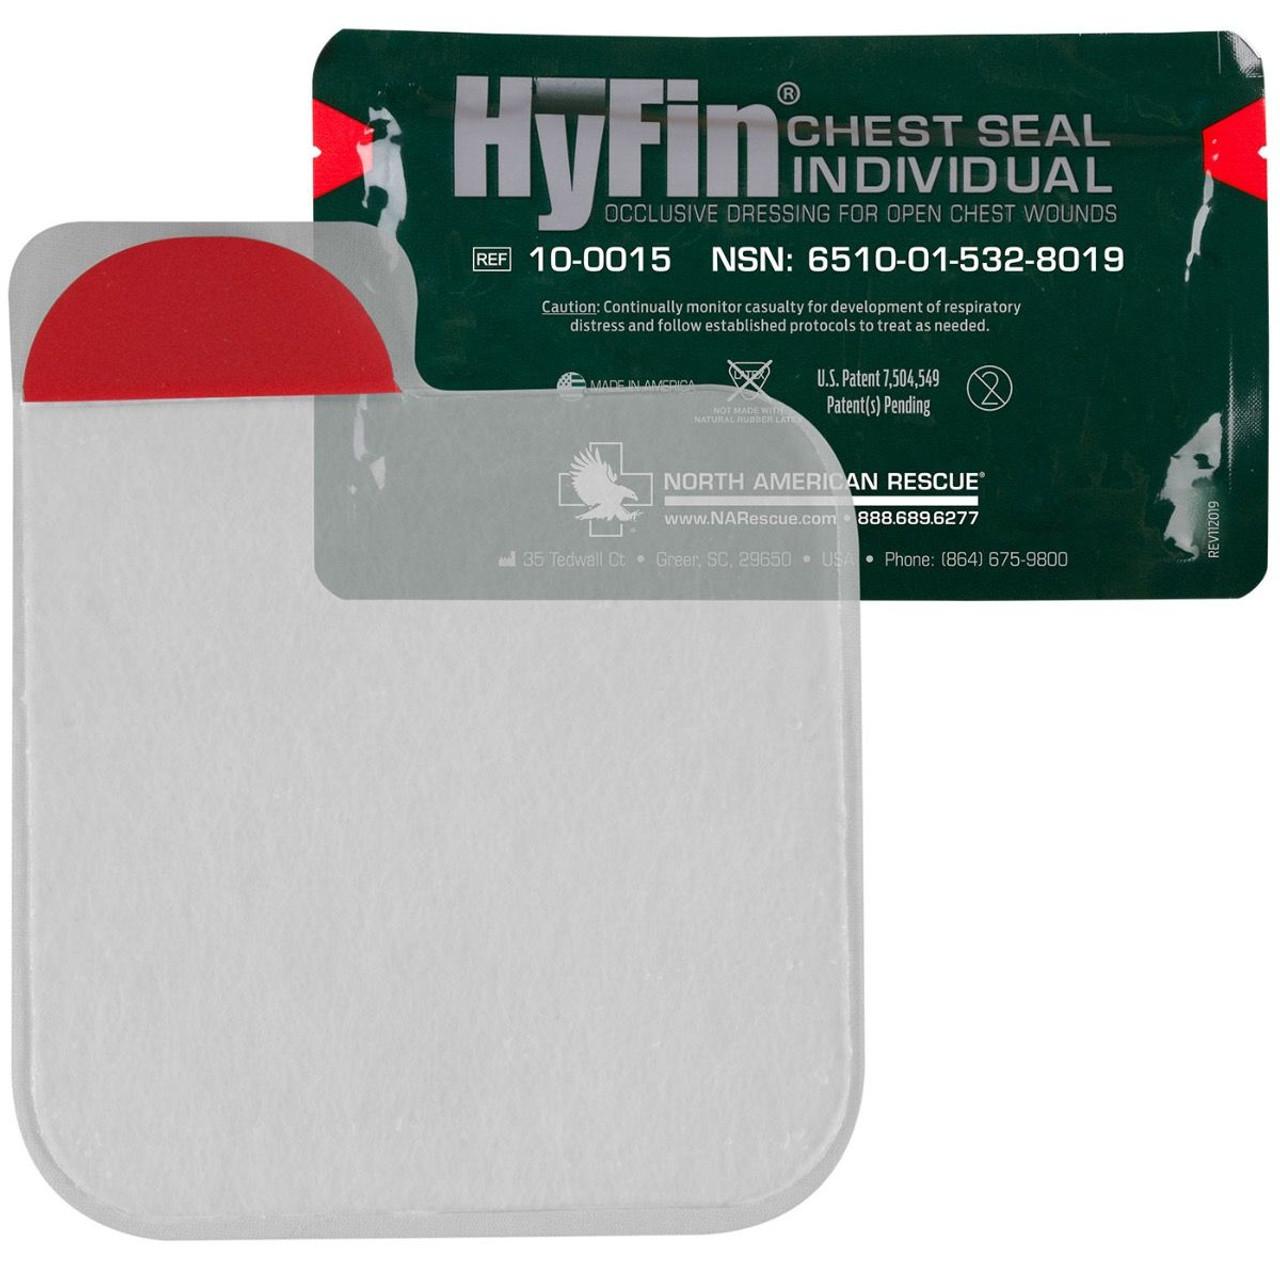 Hyfin Chest Seal